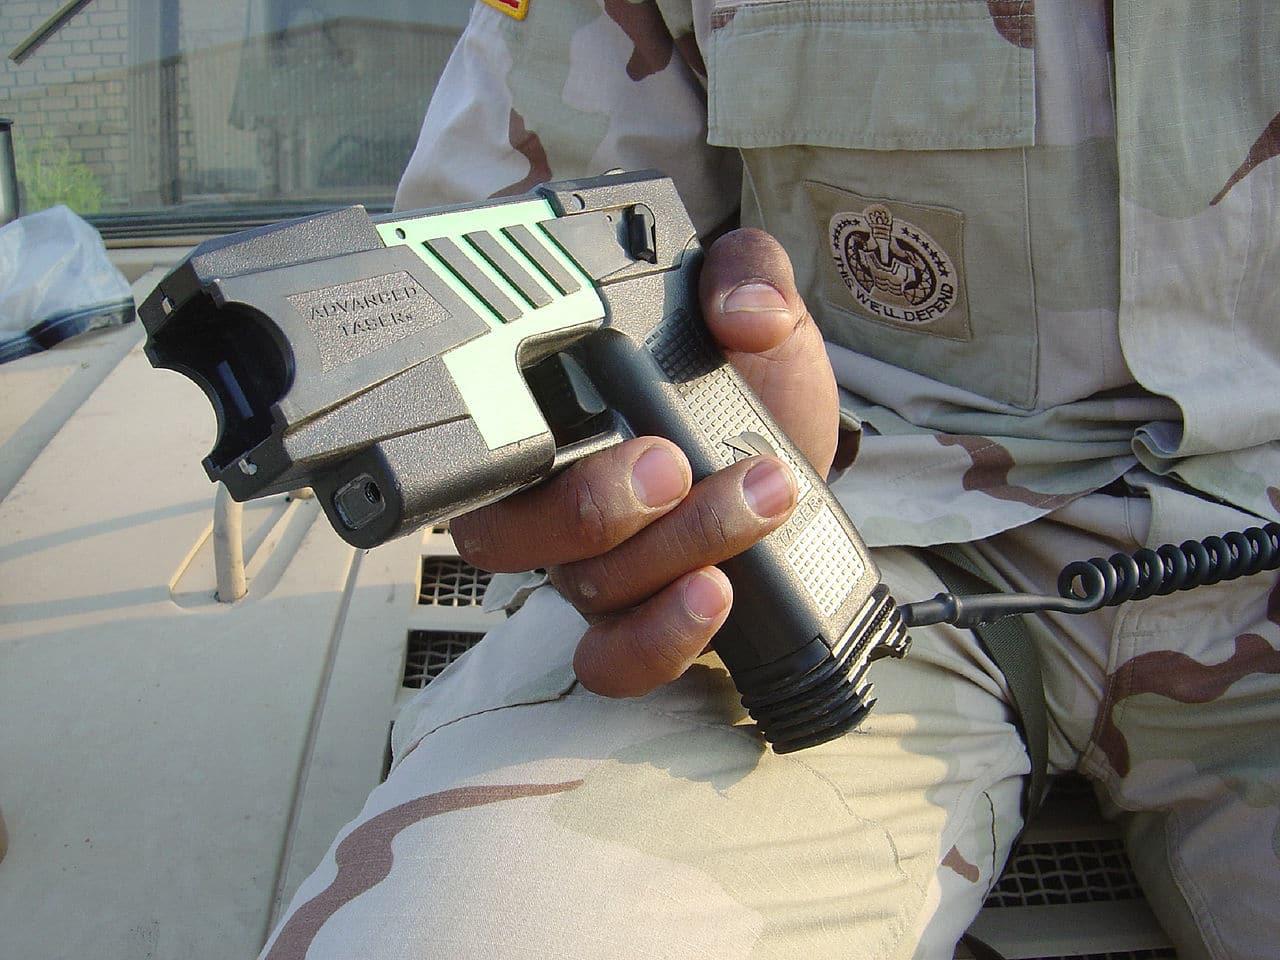 Saar-Polizisten testen Taser im Streifendienst